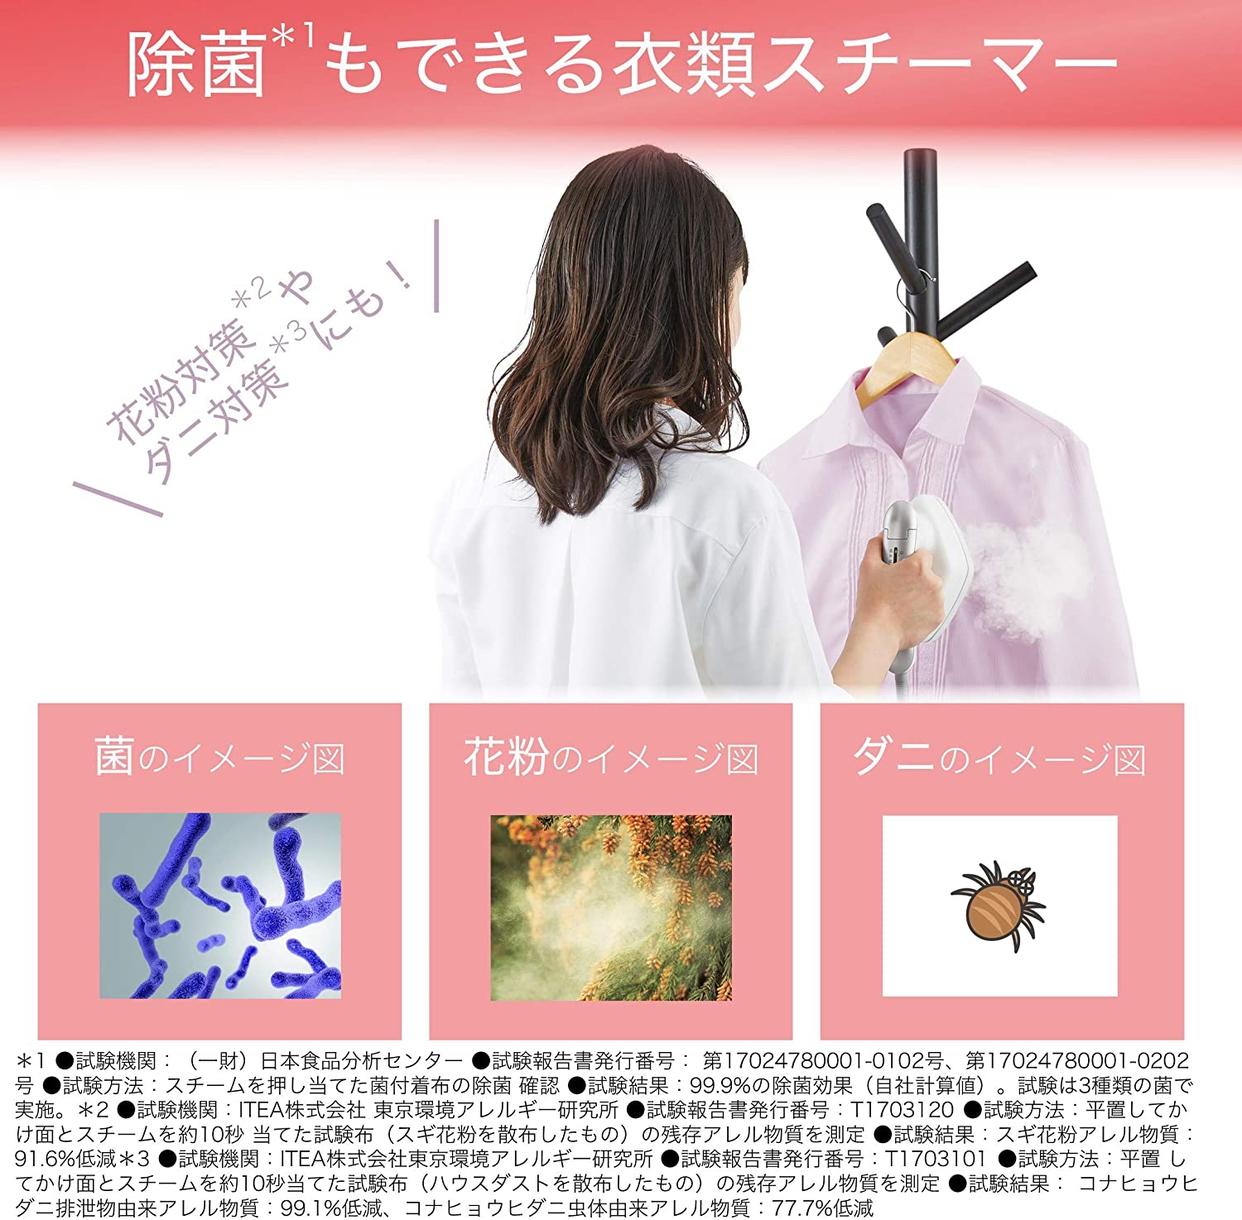 日立(HITACHI) 衣類スチーマー CSI-RX2の商品画像2